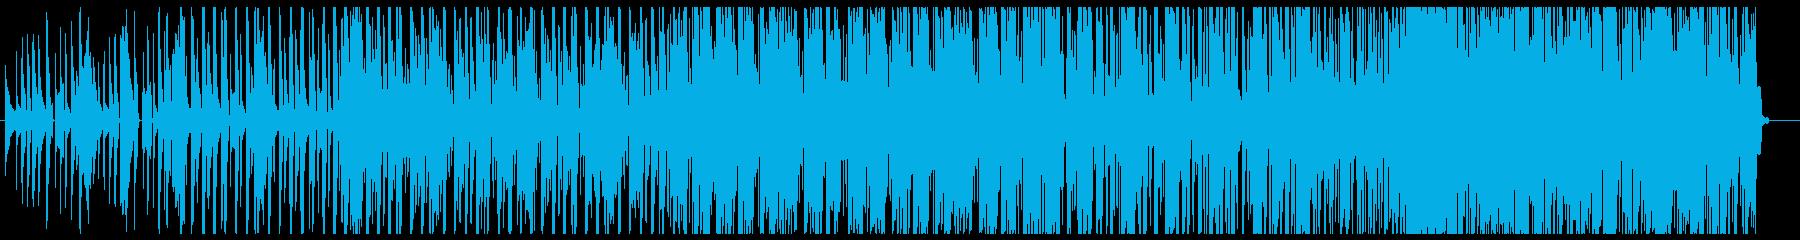 疾走感があるバンドサウンド。の再生済みの波形